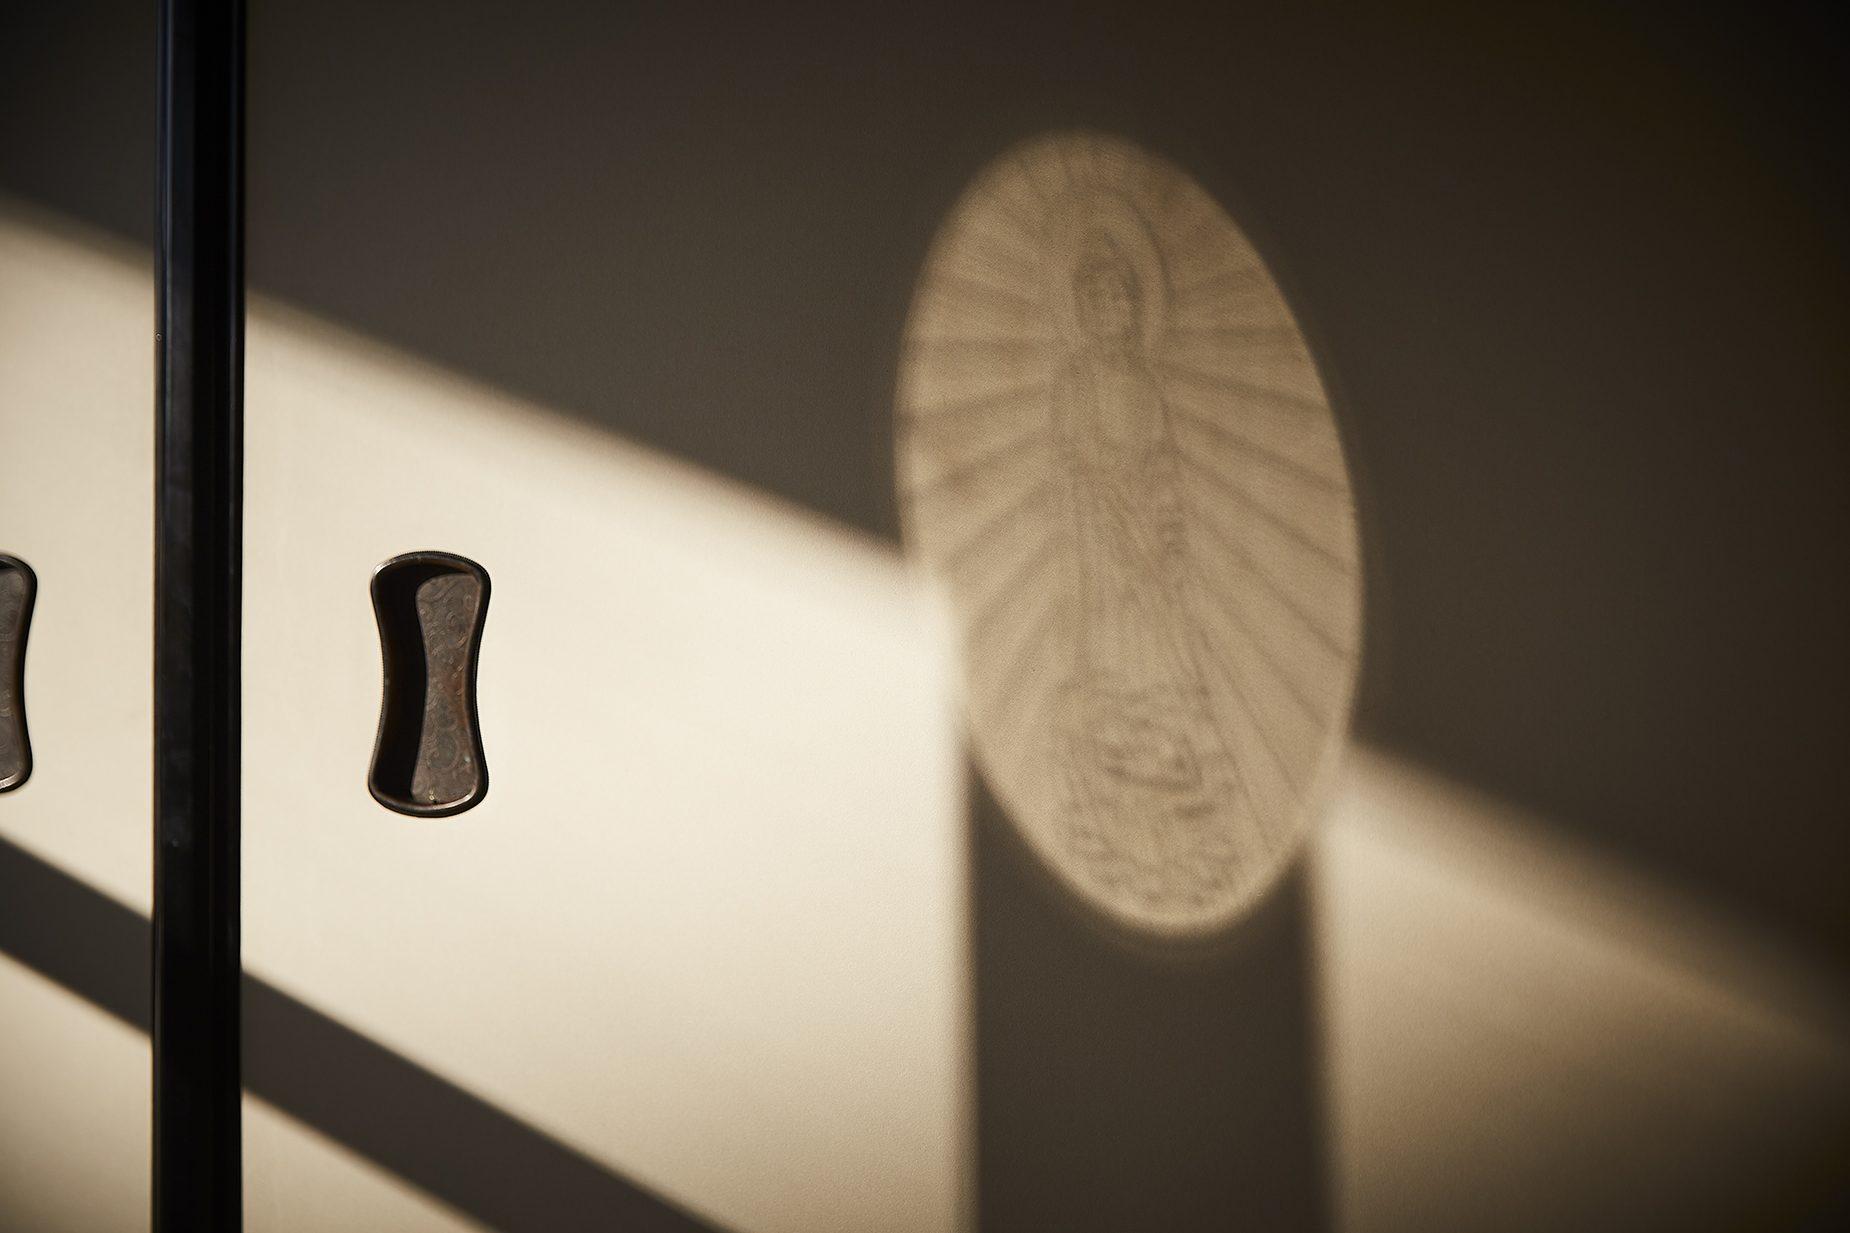 山本さんは、祖父、山本凰龍氏が復活させた魔鏡製作の技術を国内で唯一継承している。写真は投影光に像が映る魔鏡現象。